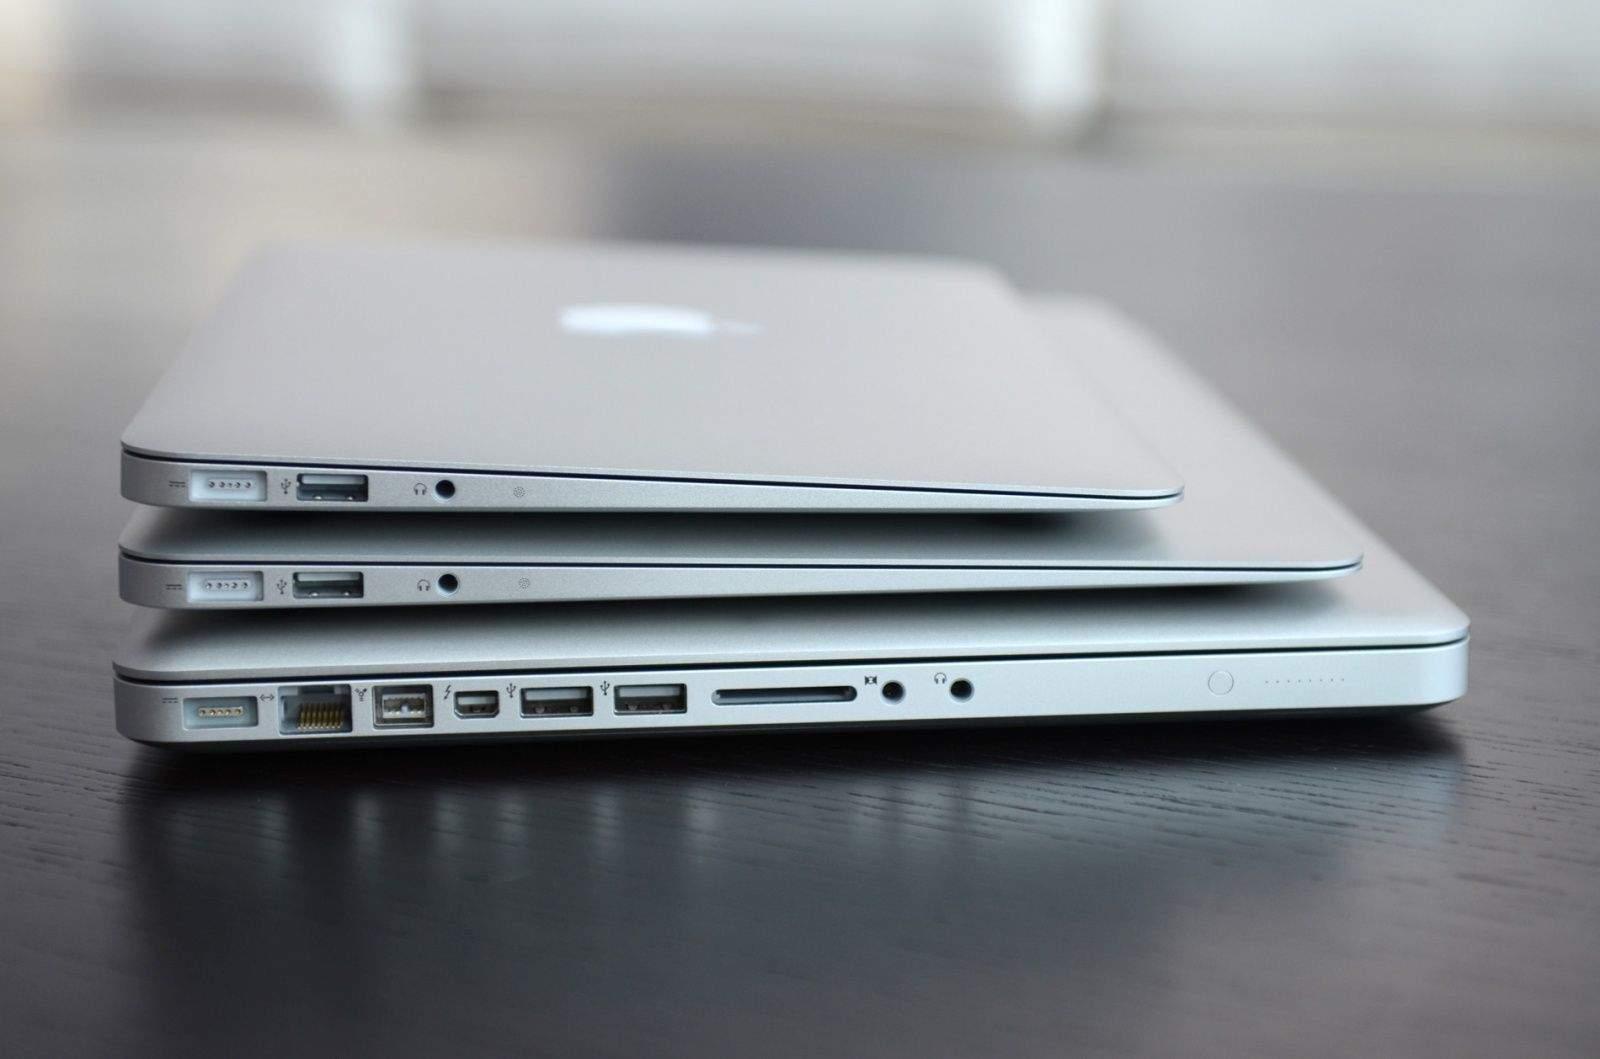 Вноутбуках Macbook обнаружили довольно страшную уязвимость